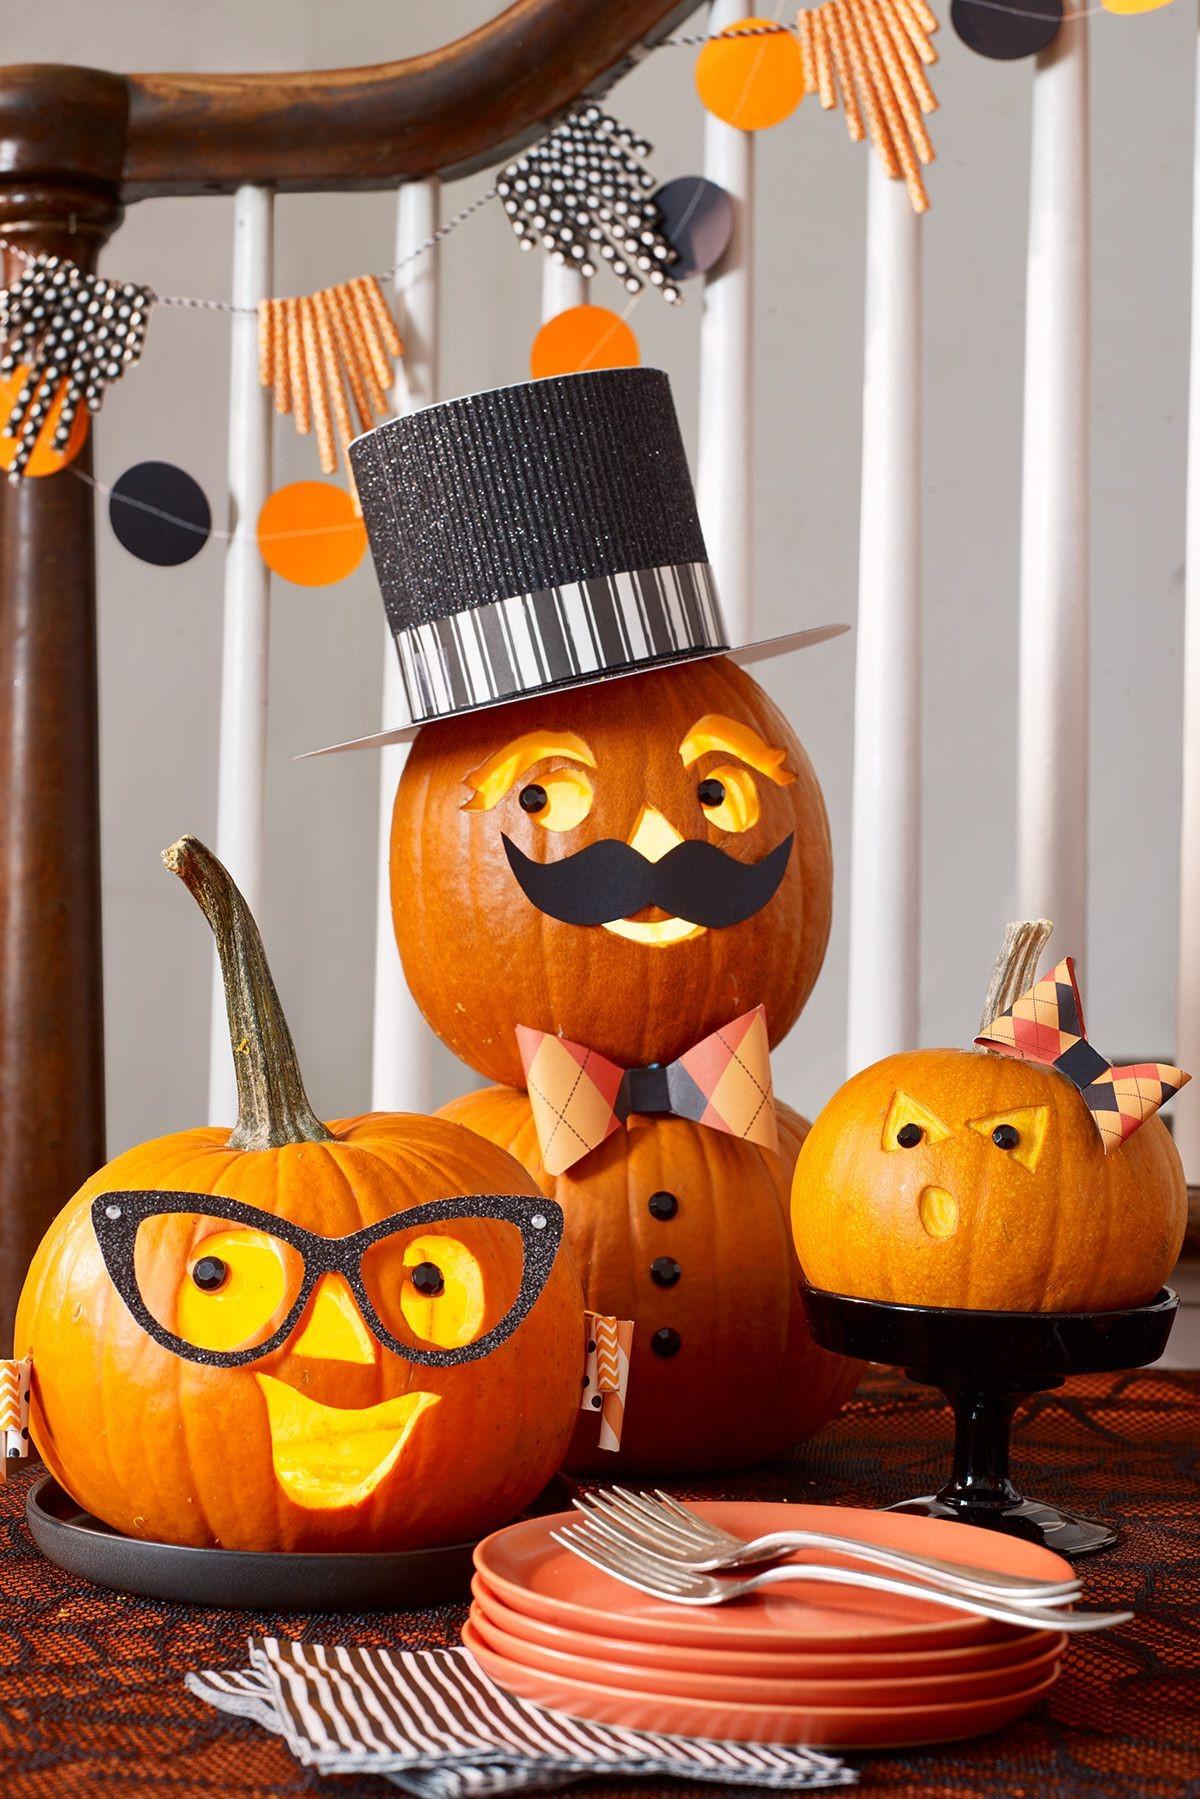 Décoration d'Halloween à fabriquer: vous pouvez faire tremper la citrouille jusqu'à 8 heures, mais une immersion trop longue peut en réalité insuffler trop d'humidité à la chair, la rendant ainsi plus vulnérable à la pourriture.